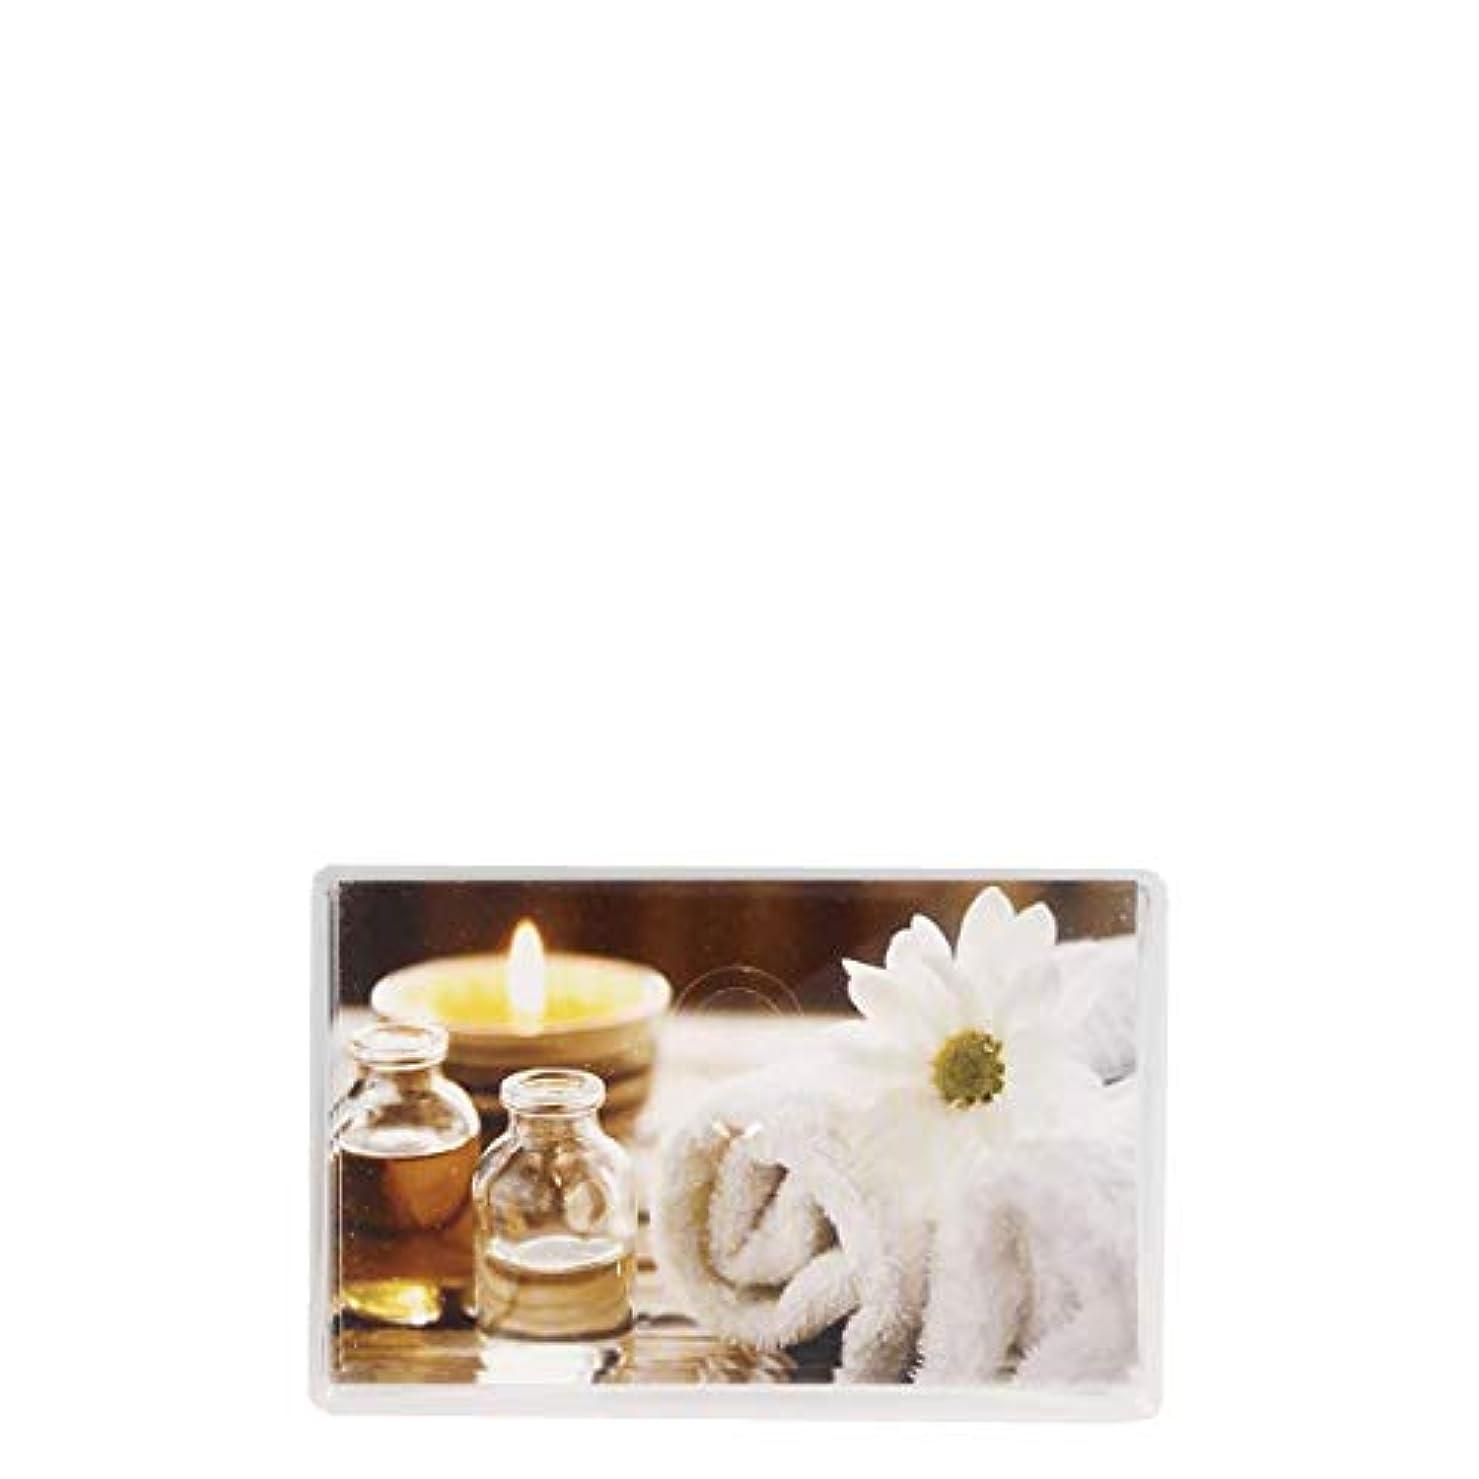 デッキ死ぬ代表するアポイントメントカード Appointment cards- AP5B BEAUTY DAISY CARDS x100[海外直送品] [並行輸入品]